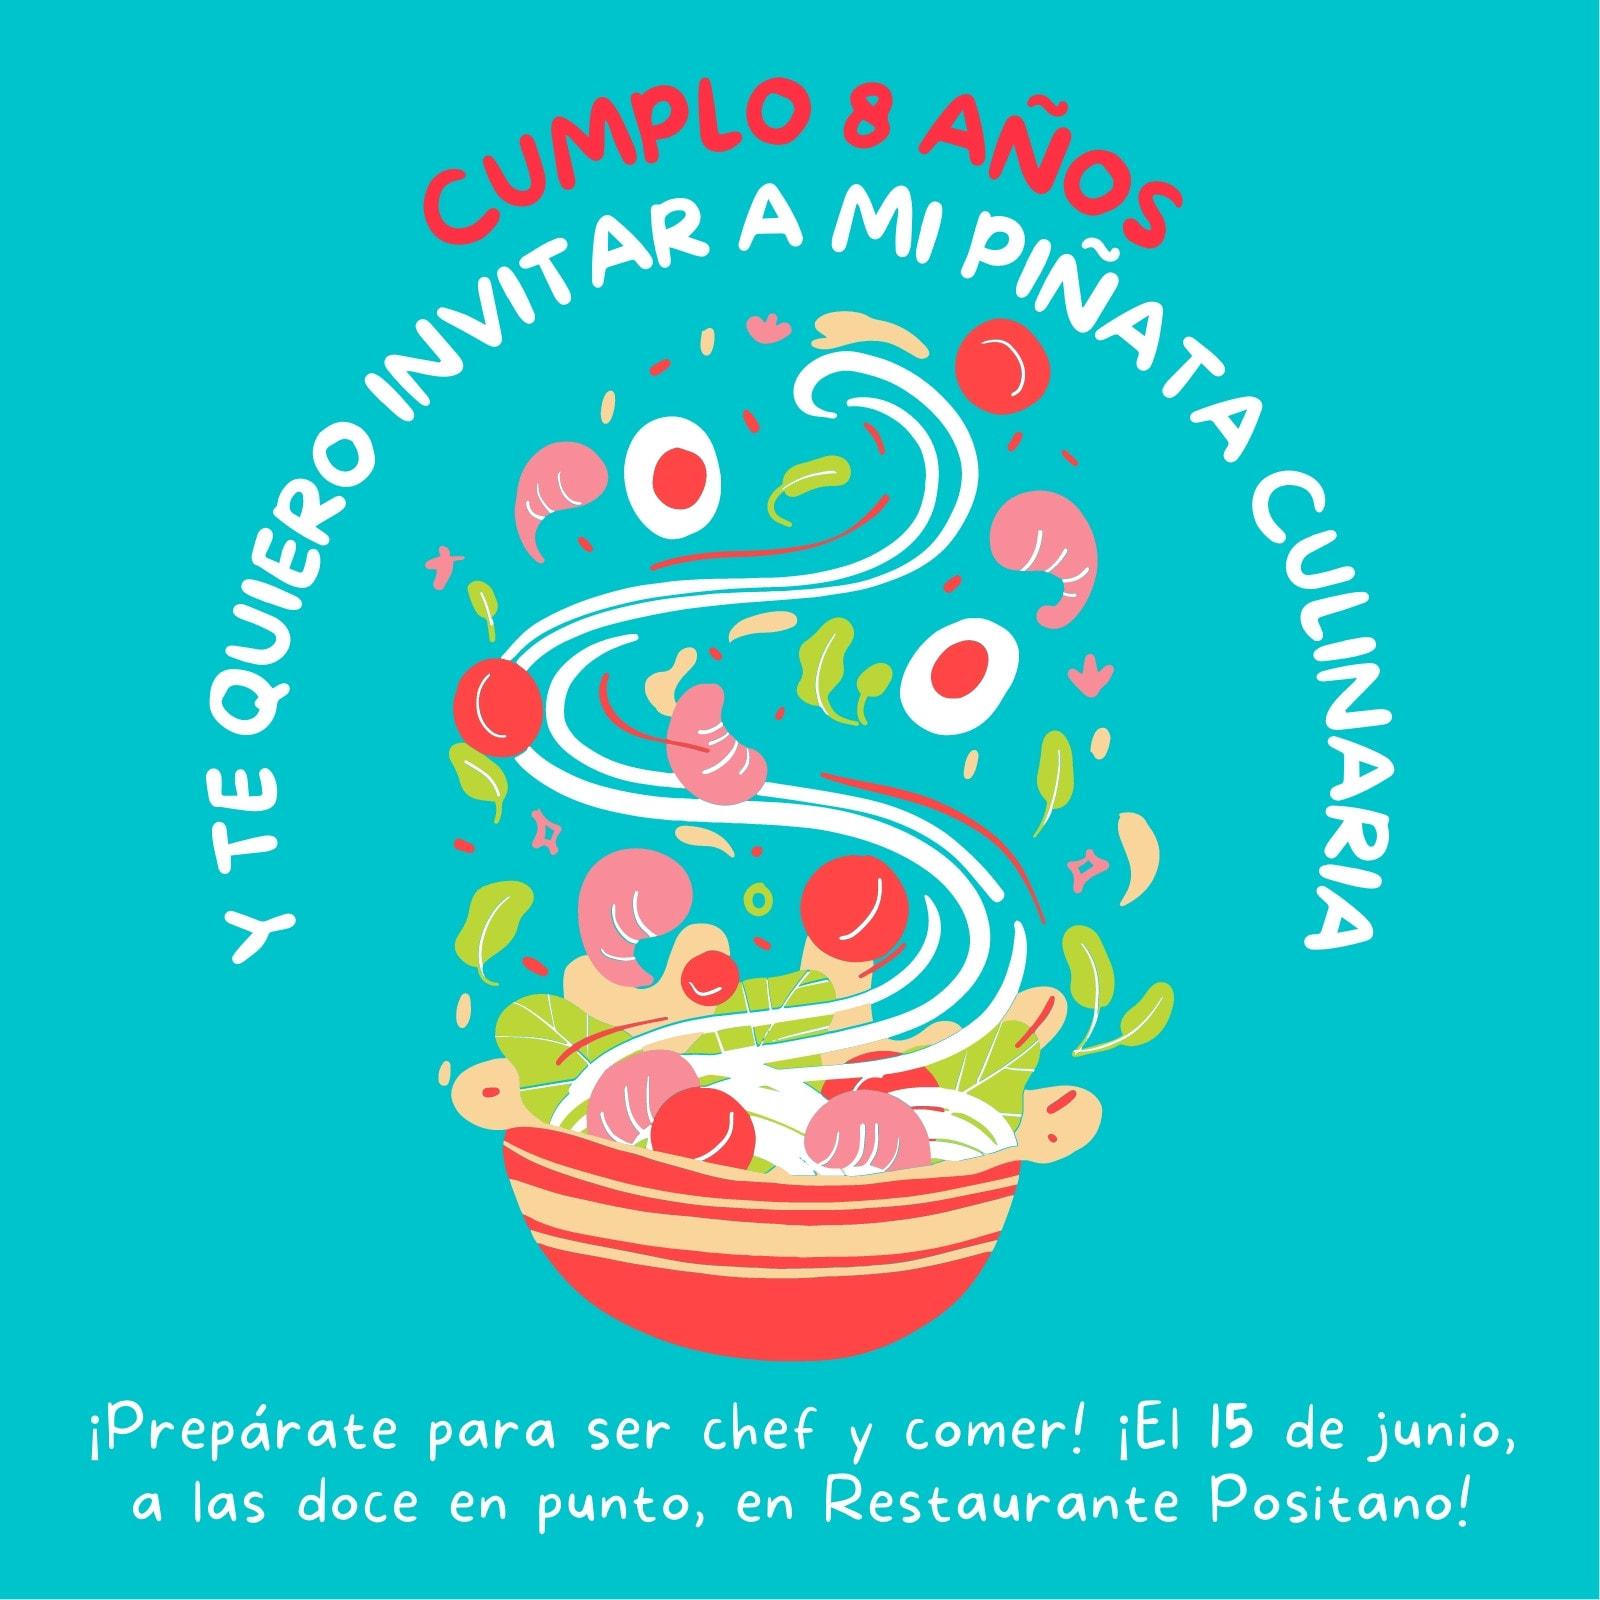 Invitación de cumpleaños ilustrativa, ilustración de plato de comida, azul brillante y multicolor